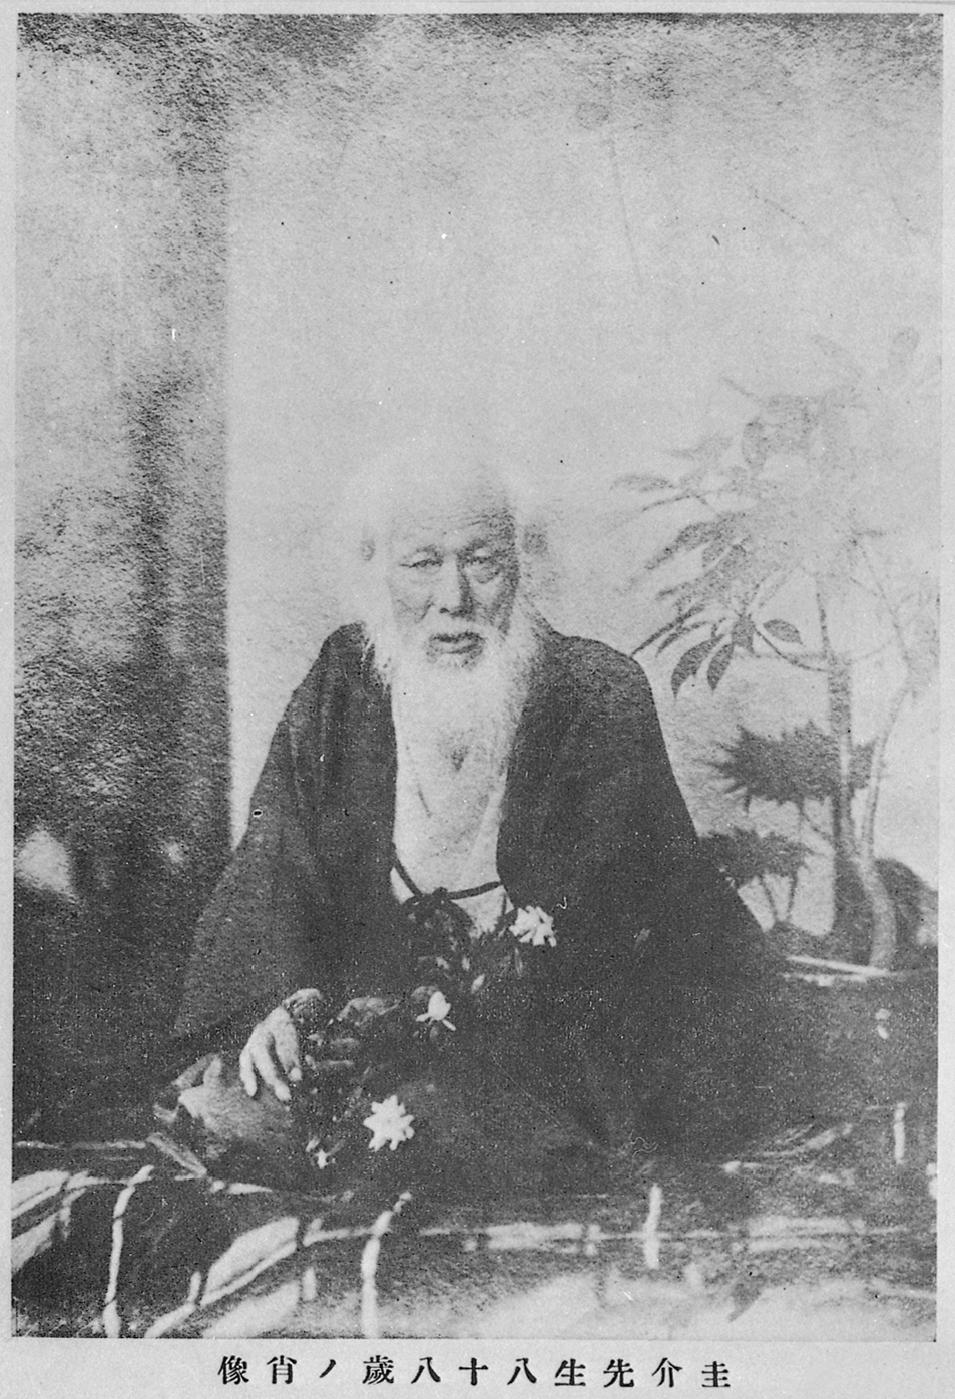 伊藤 圭介(Keisuke Ito)Wikipediaより